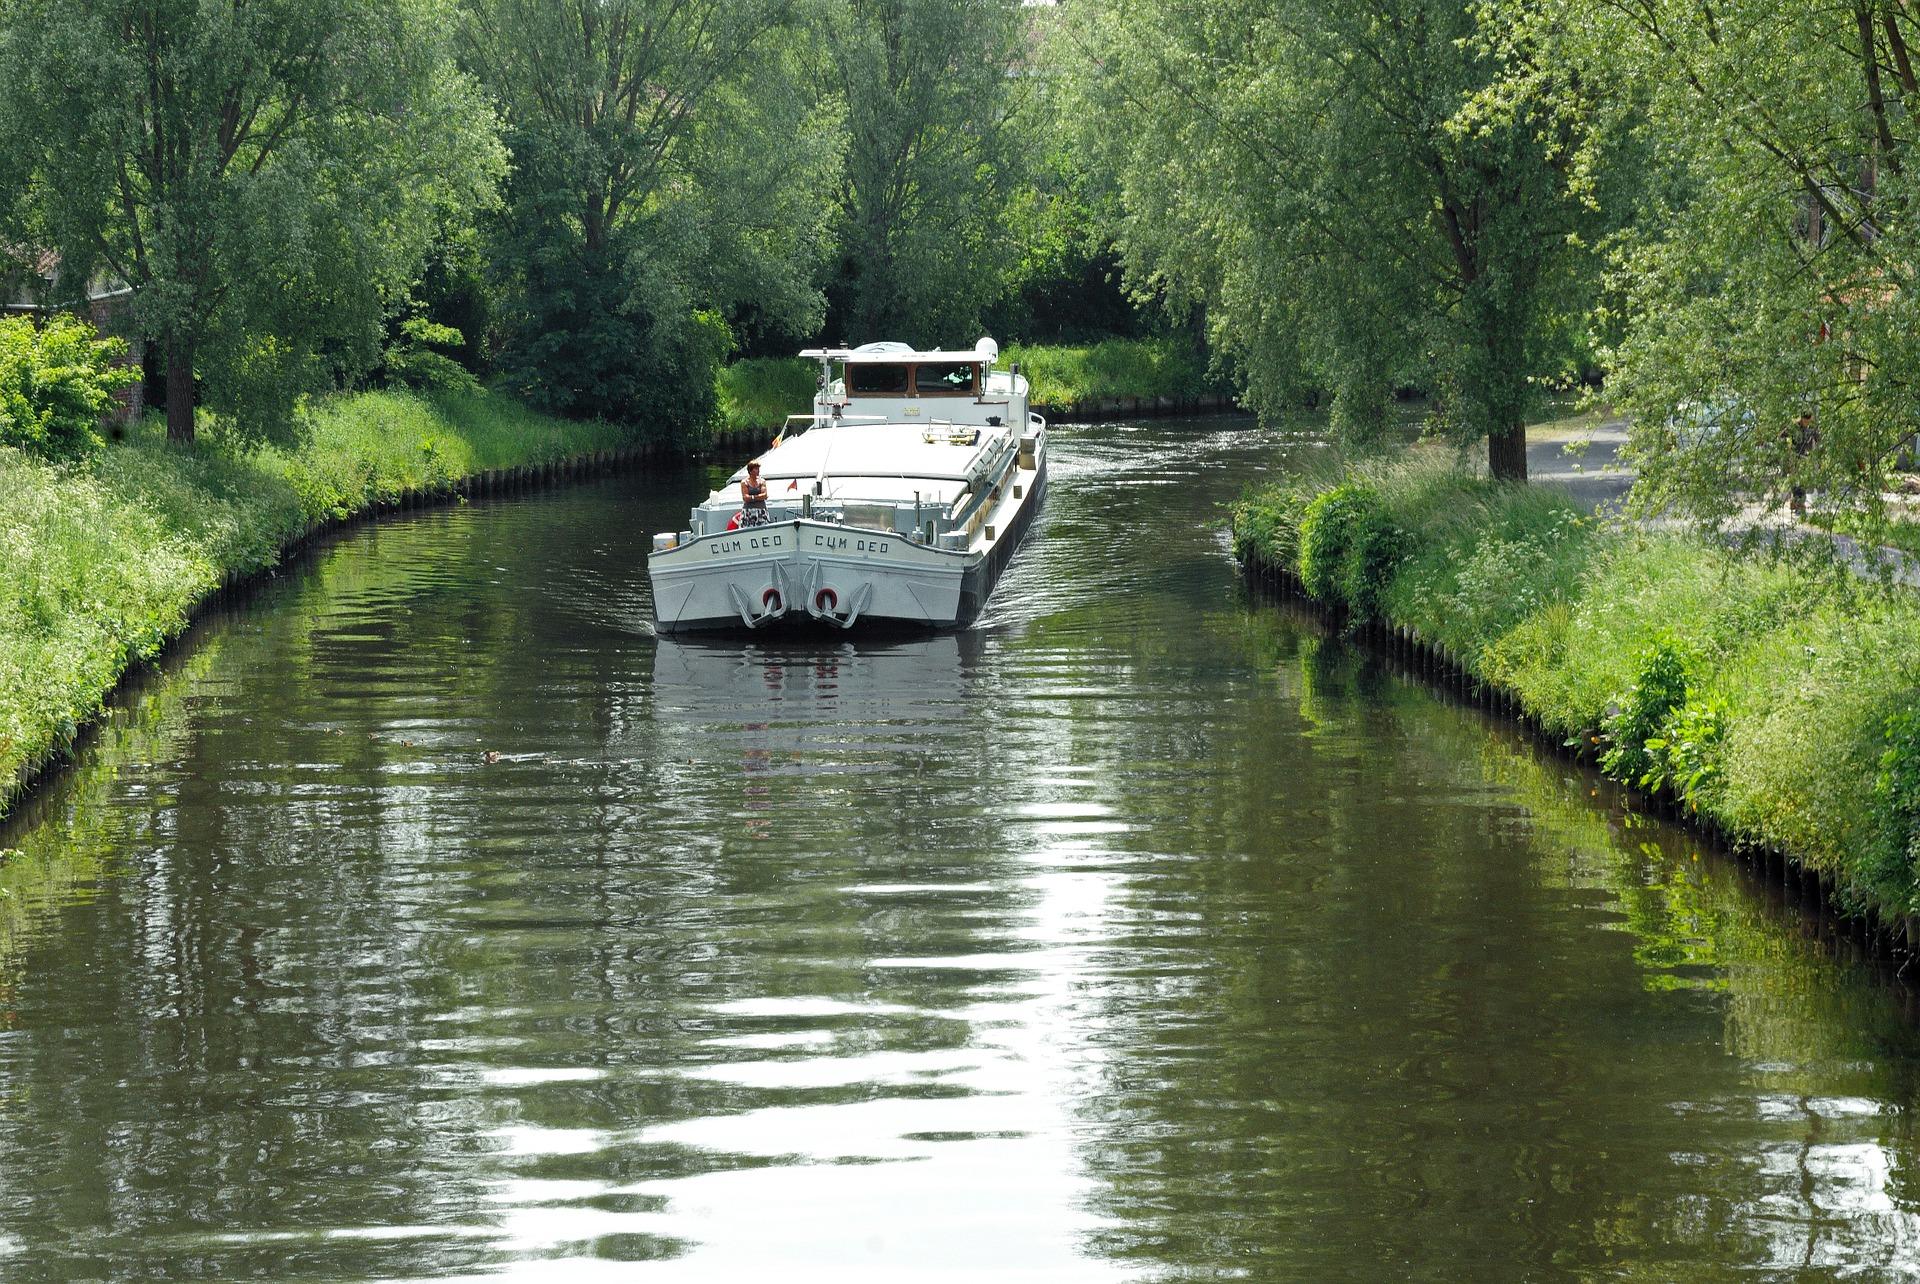 l 39 officiel du canal du midi d couvrez le canal du midi en louant un bateau avec click boat. Black Bedroom Furniture Sets. Home Design Ideas